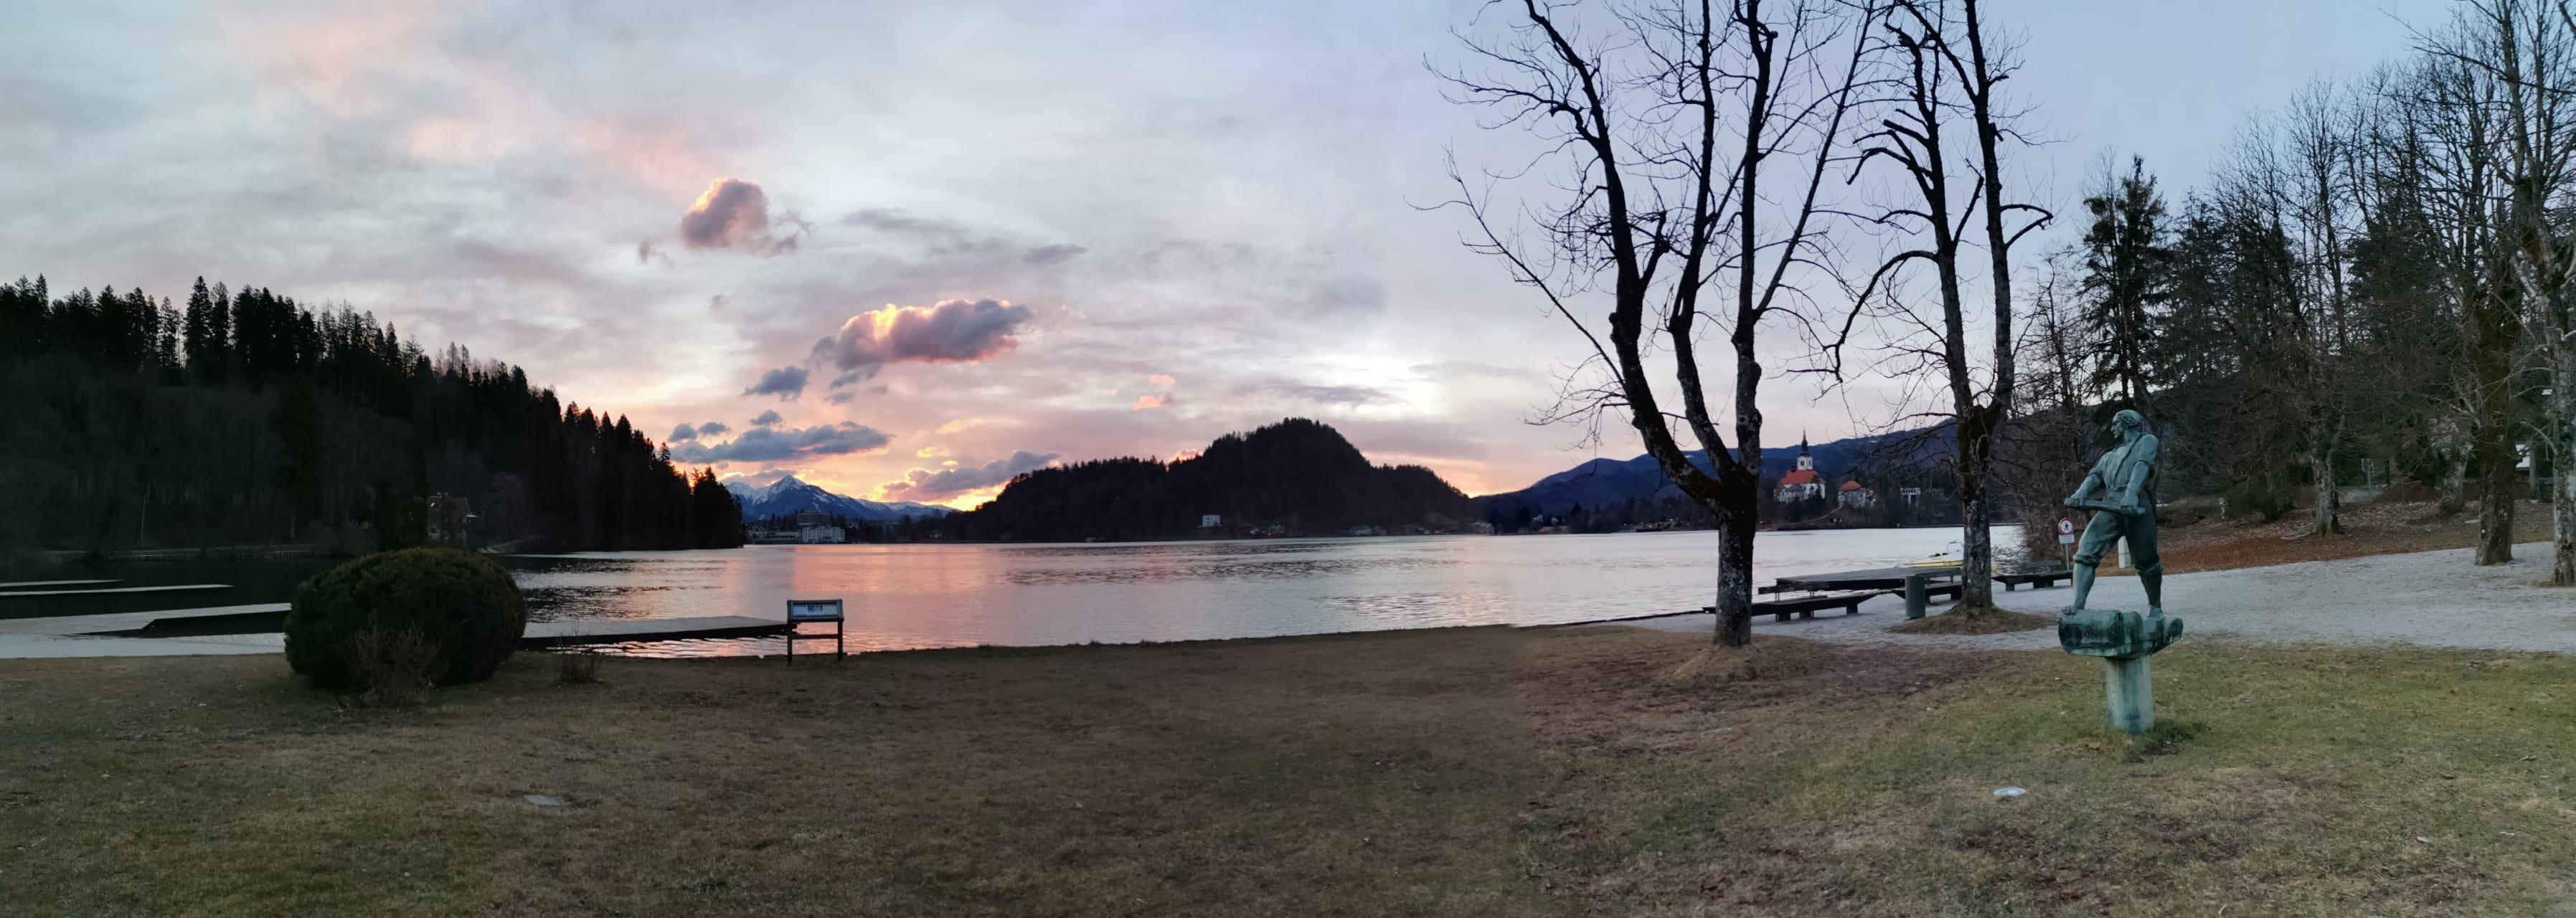 Bled - Bled sunrise